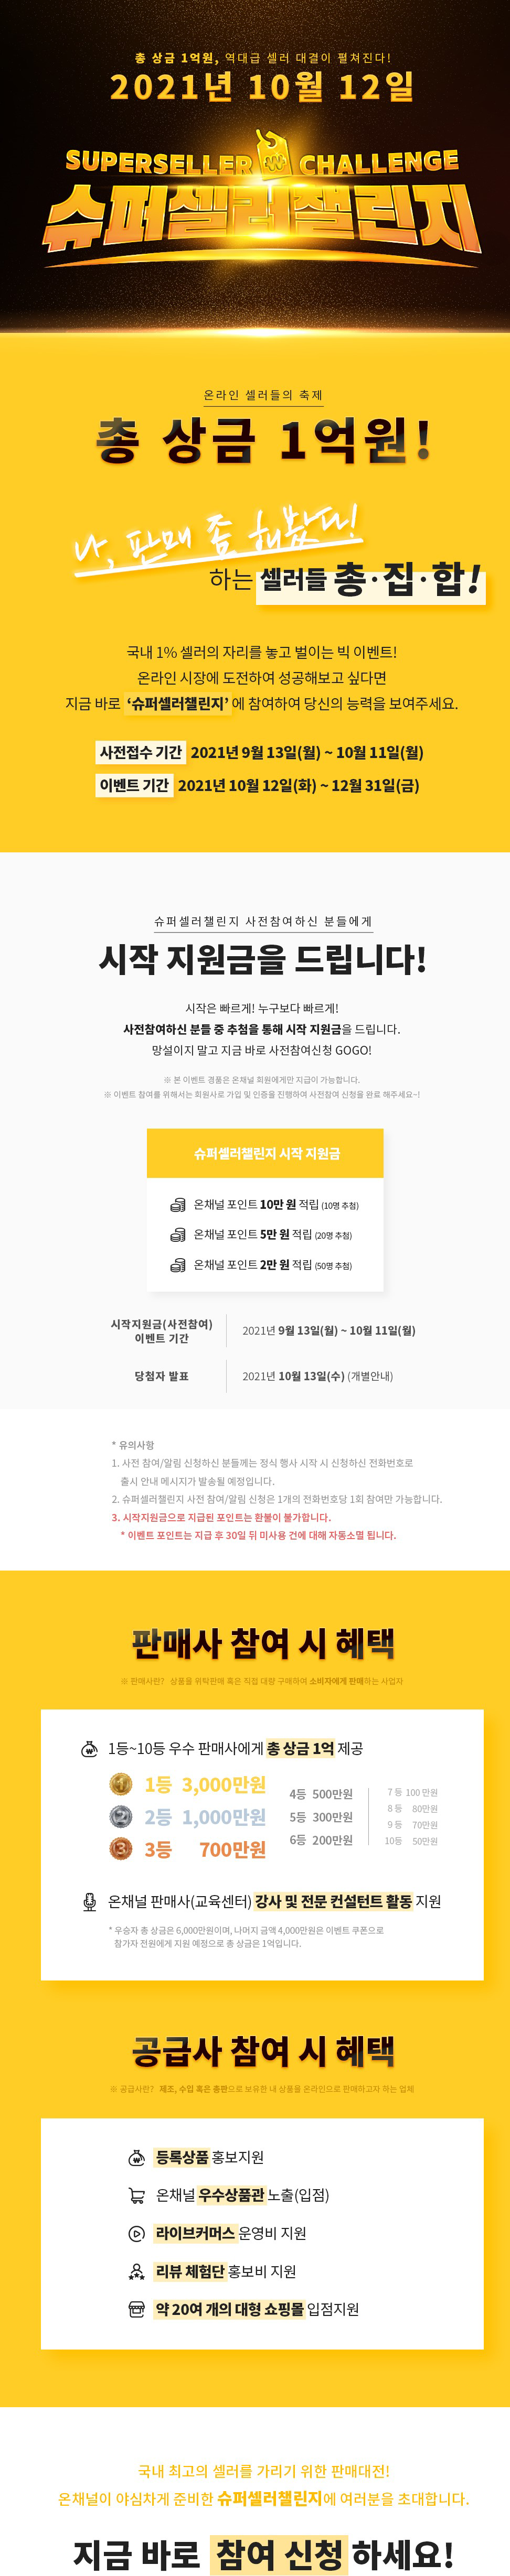 슈퍼셀러챌린지-메일링_수정.png